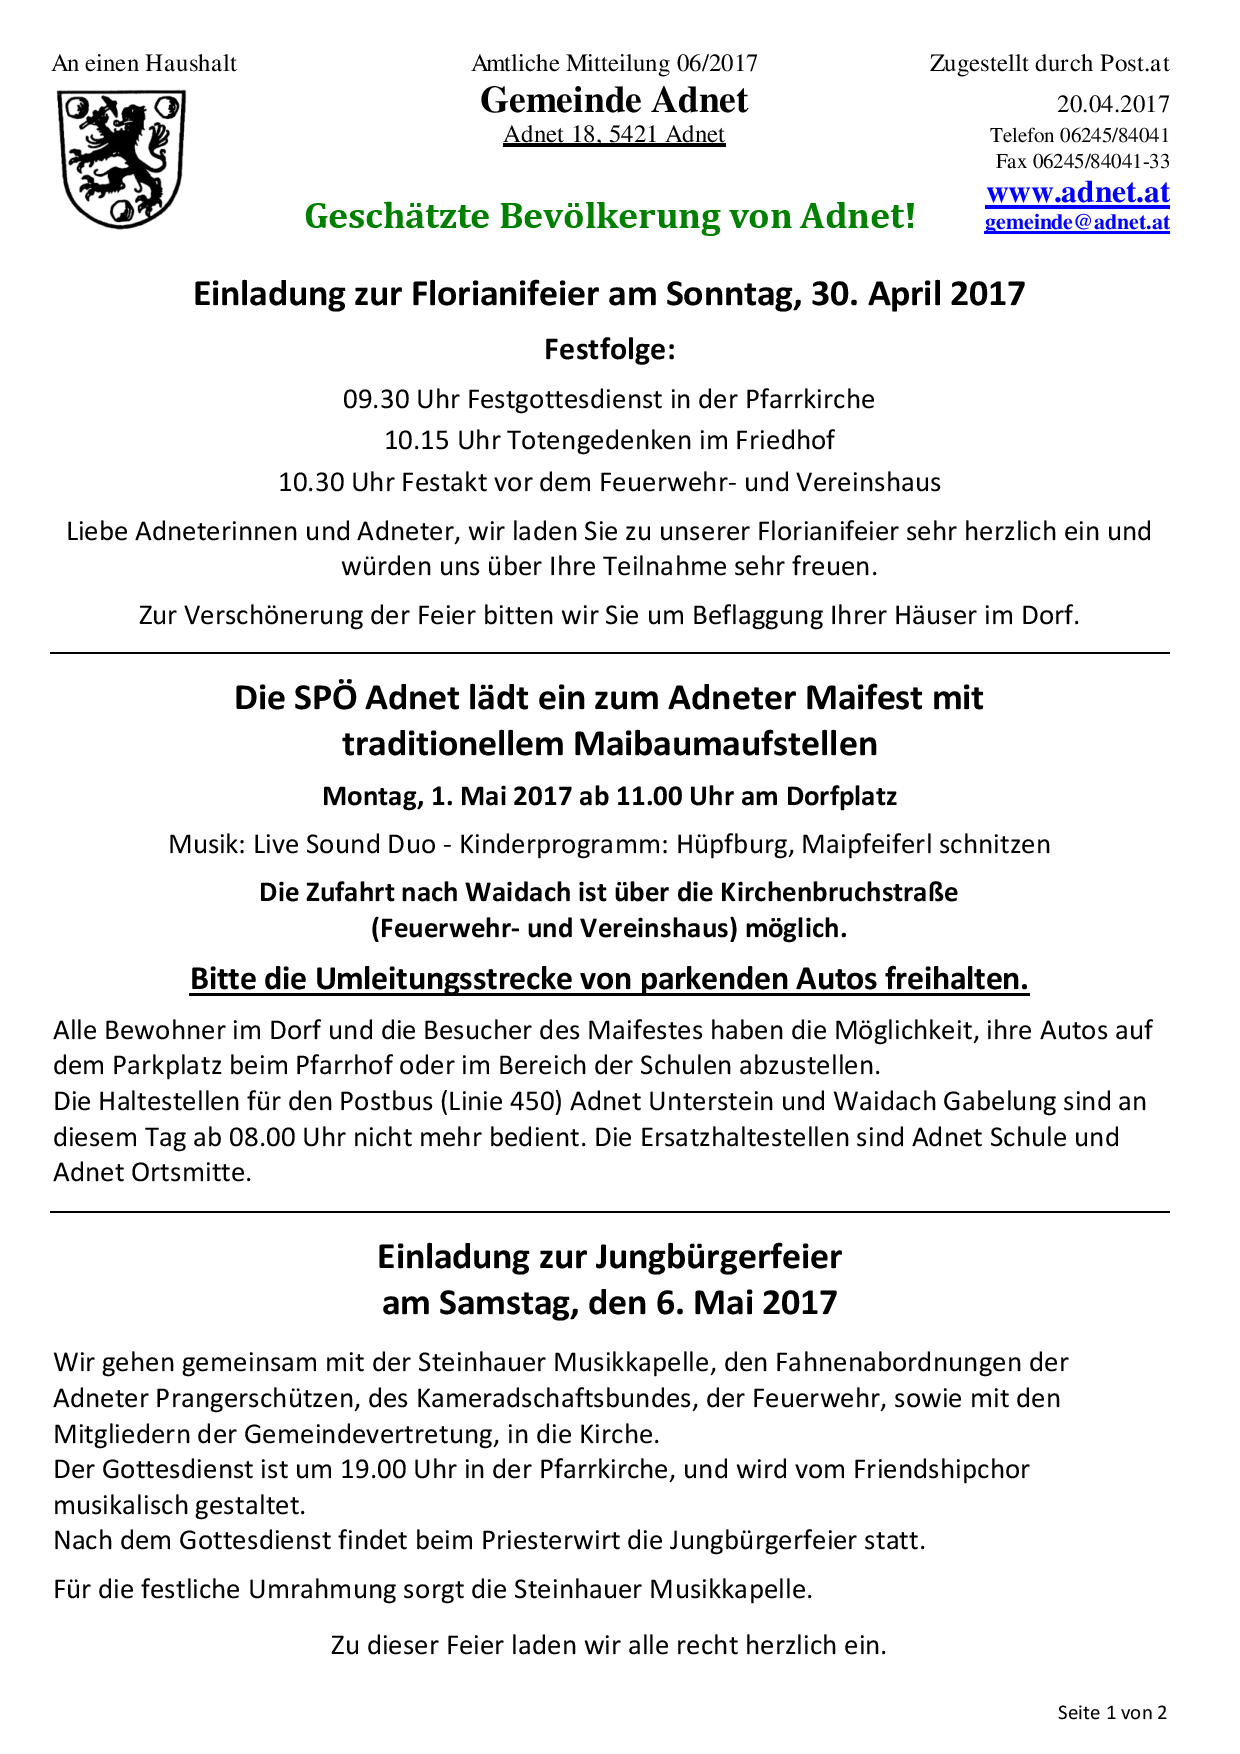 Amtliche Mitteilungen - Gemeinde Adnet